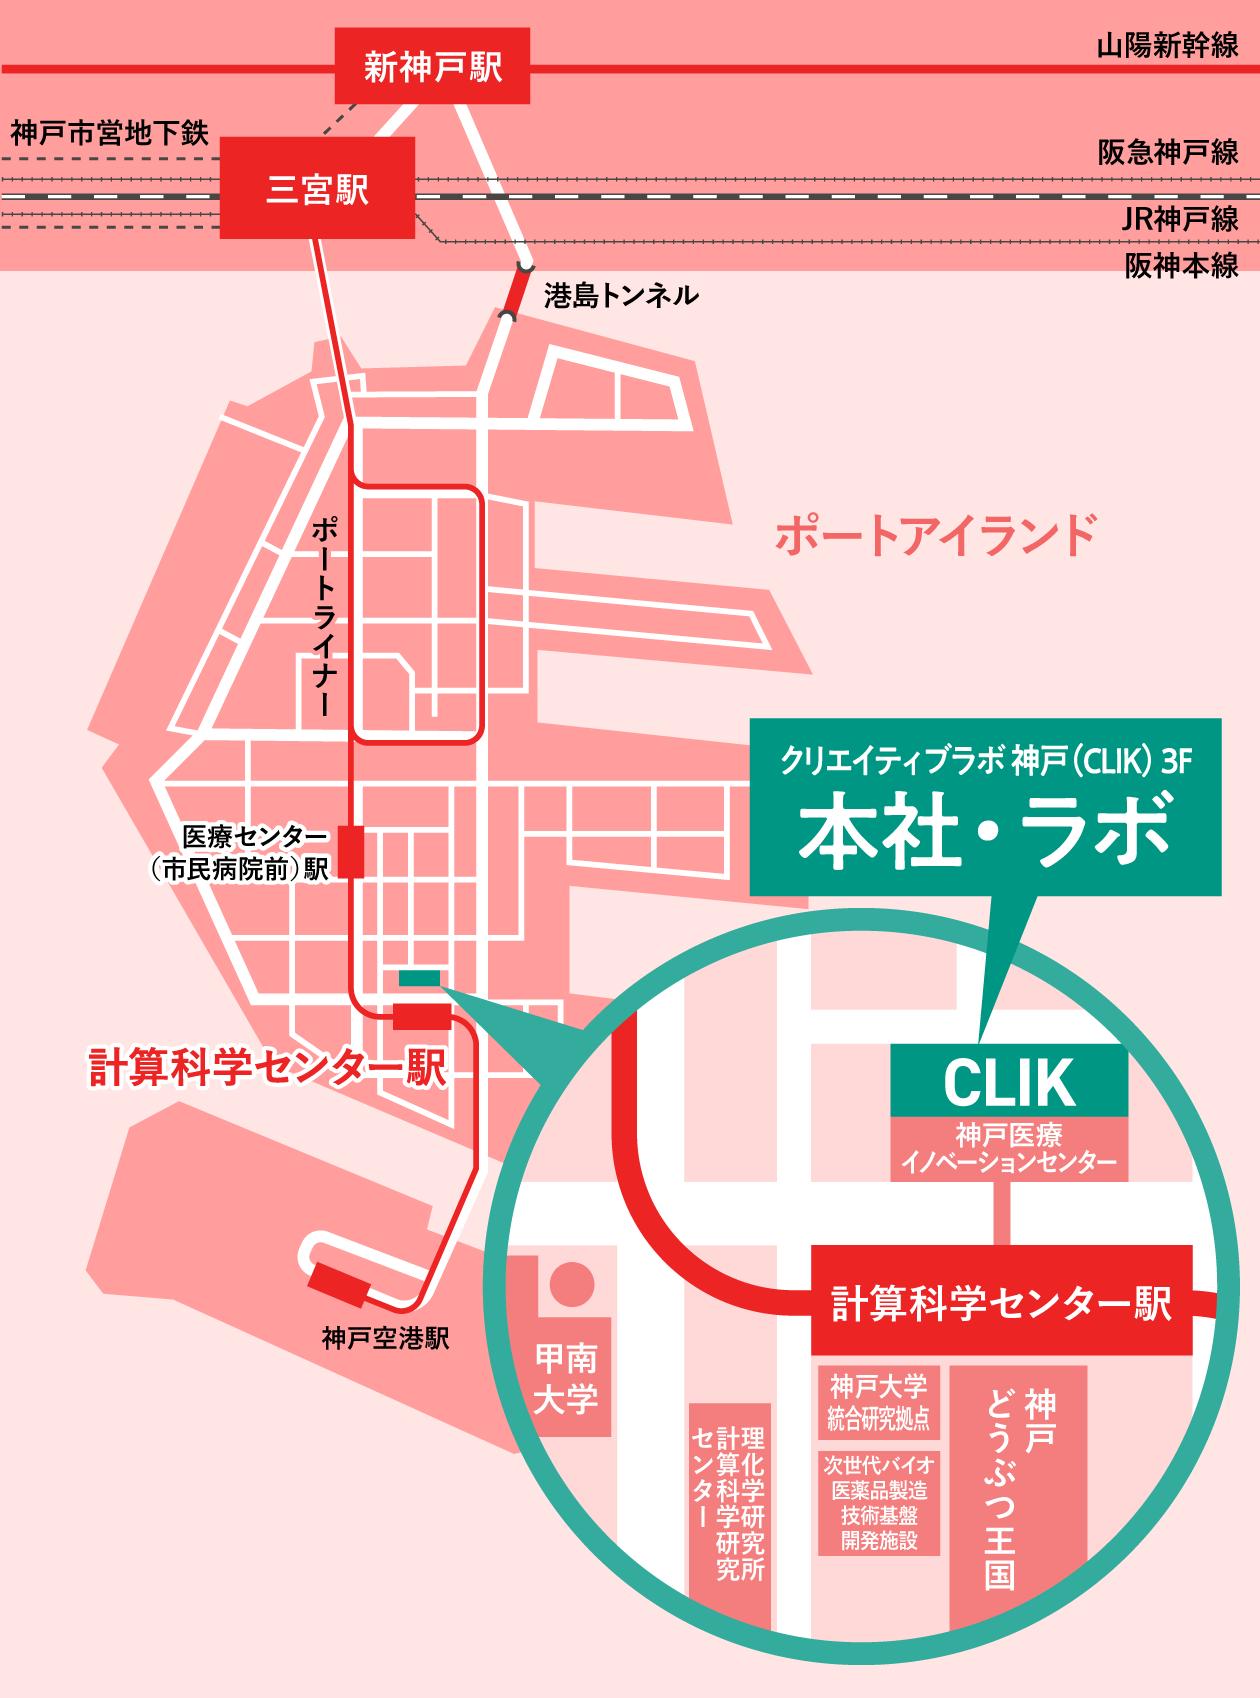 本社・ラボ所在地:神戸市中央区港島南町1神戸バイオメディカル創造センター(BMA)2階